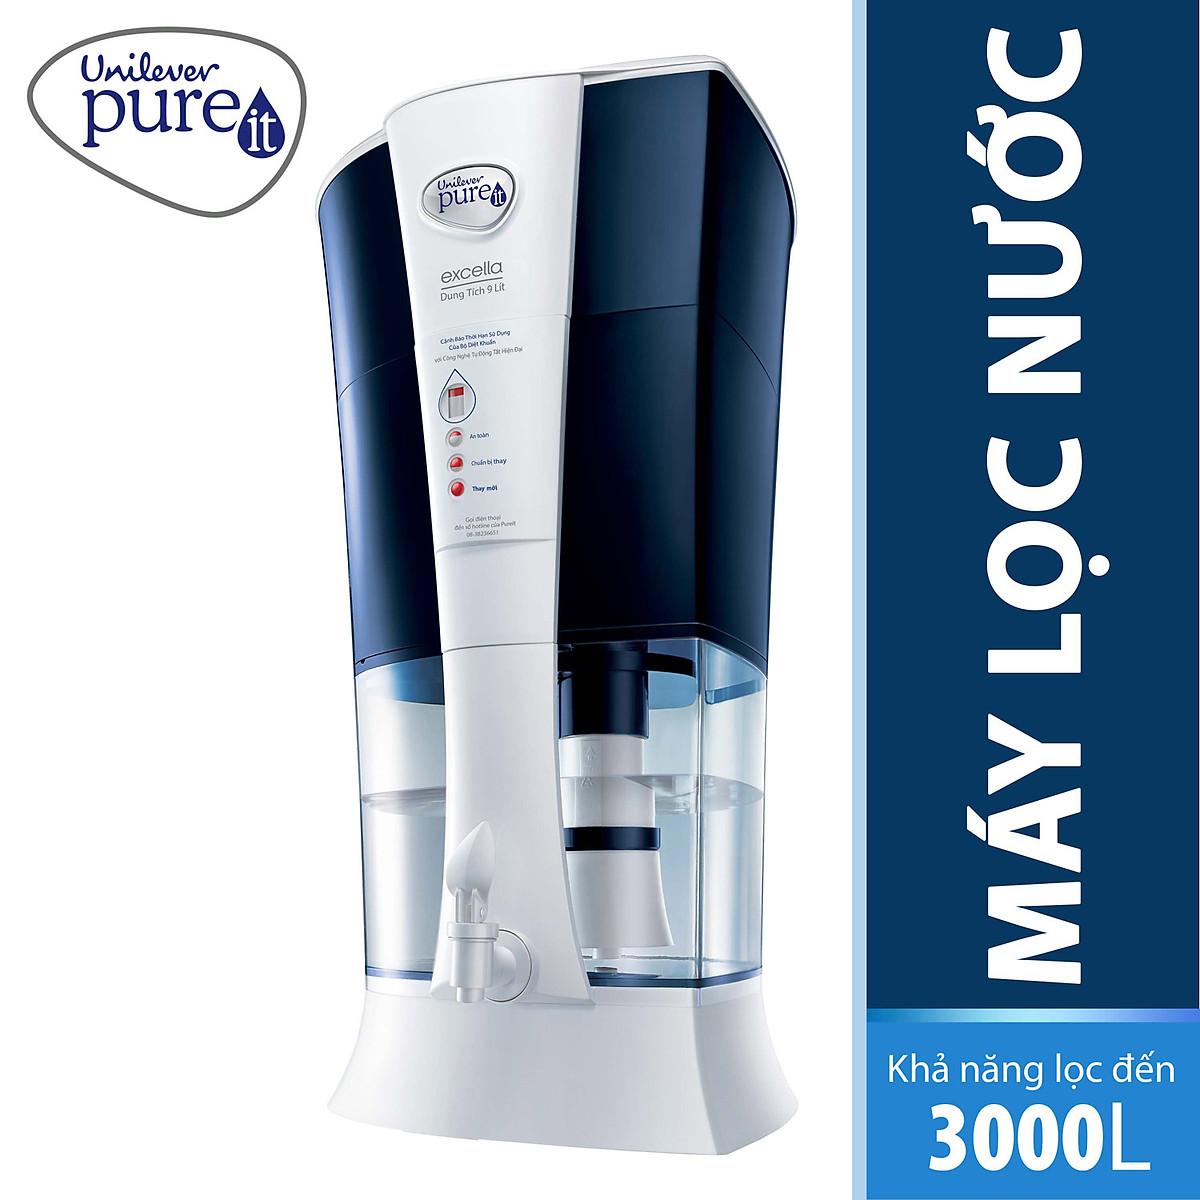 Máy lọc nước Pureit từ Unilever chính hãng